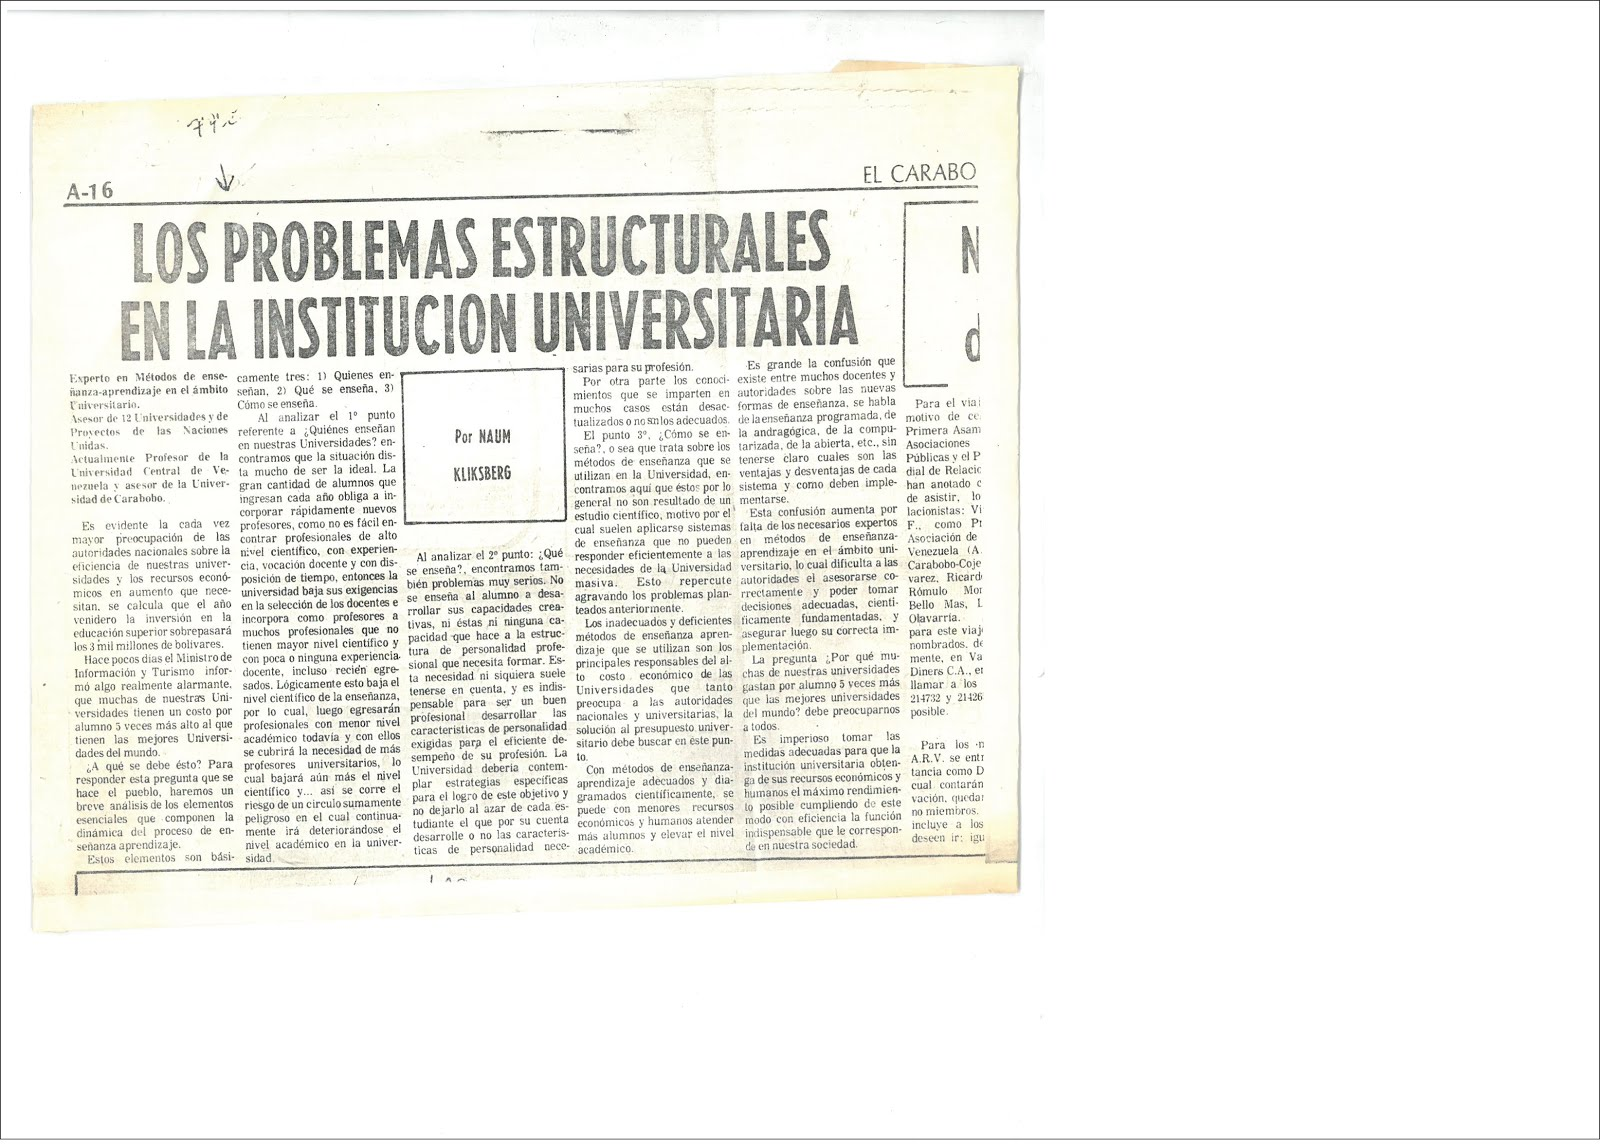 24 -  PERIODICO EL CARABOBEÑO, VENEZUELA. ARTICULO DE NAUM KLIKSBERG